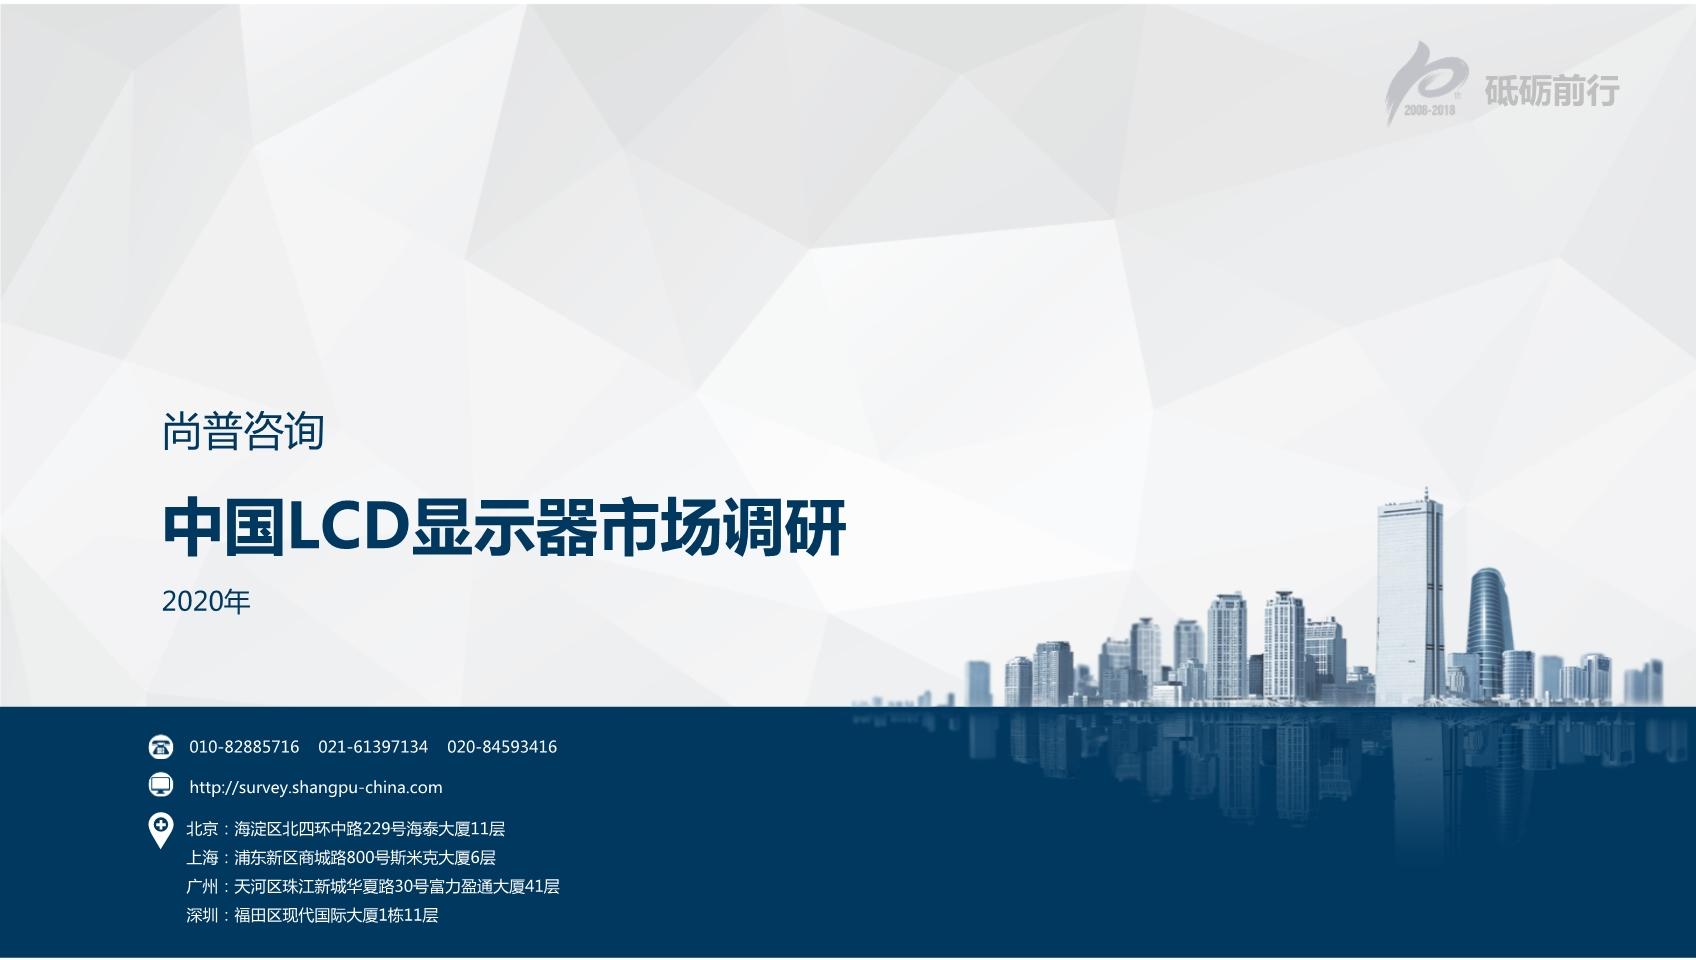 尚普咨询:2020年中国LCD显示器市场调研